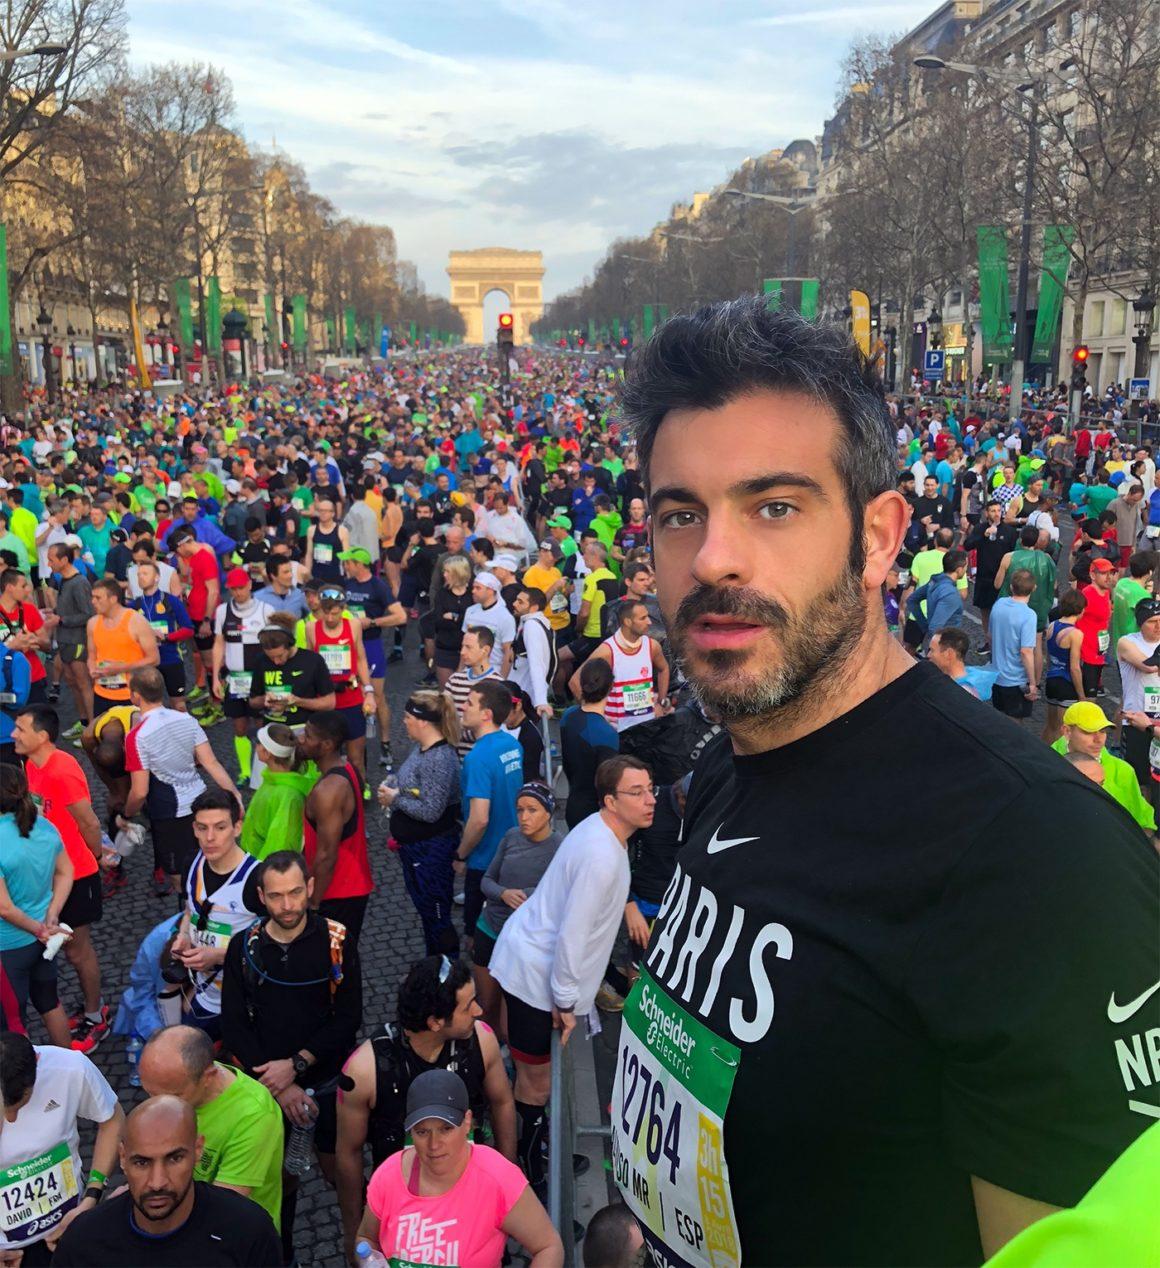 Maratón de París - Paris Marathon maratón de parís - maraton de paris marathon B 1160x1268 - Maratón de París: análisis, recorrido, entrenamiento y recomendaciones de viaje